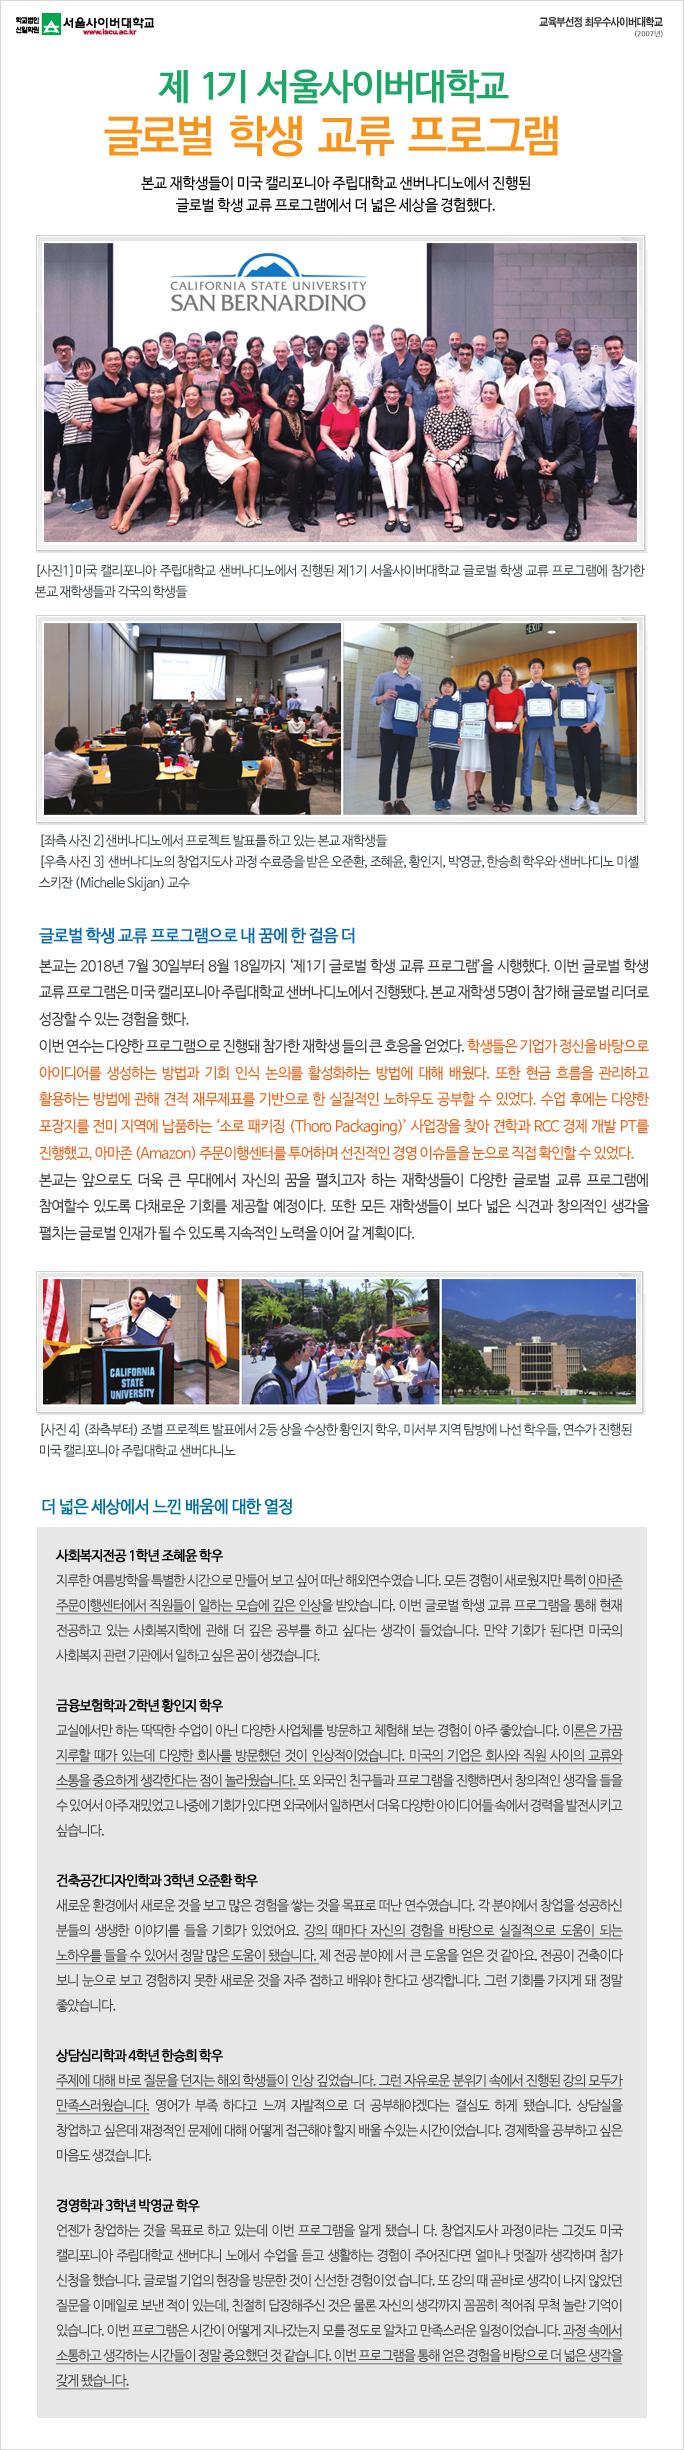 제1기 서울사이버대학교 글로벌 학생 교류 프로그램